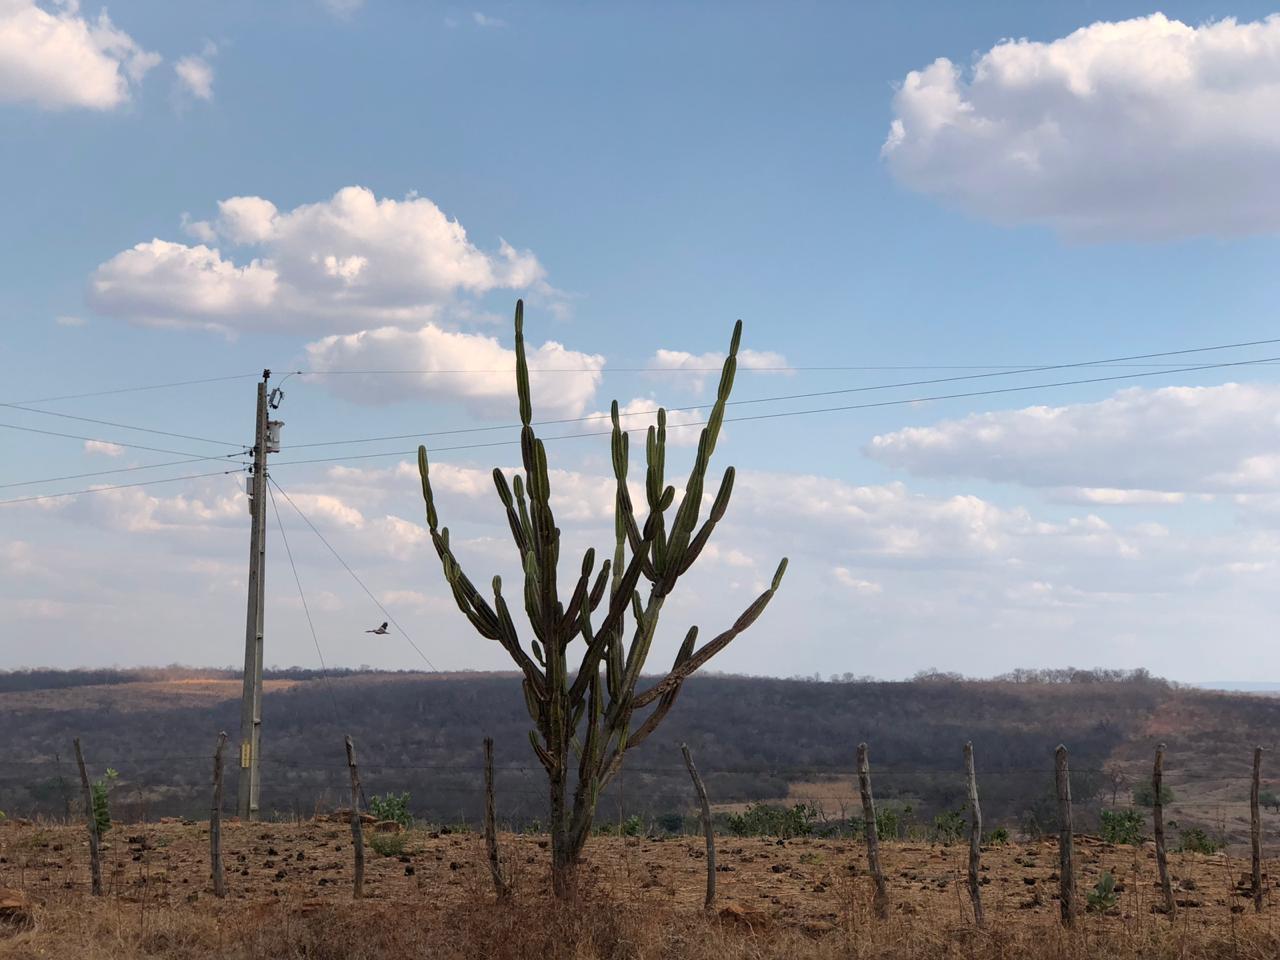 Poucas nuvens permitirá o céu mais claro nos próximos dias (FOTO: Marciel Bezerra)